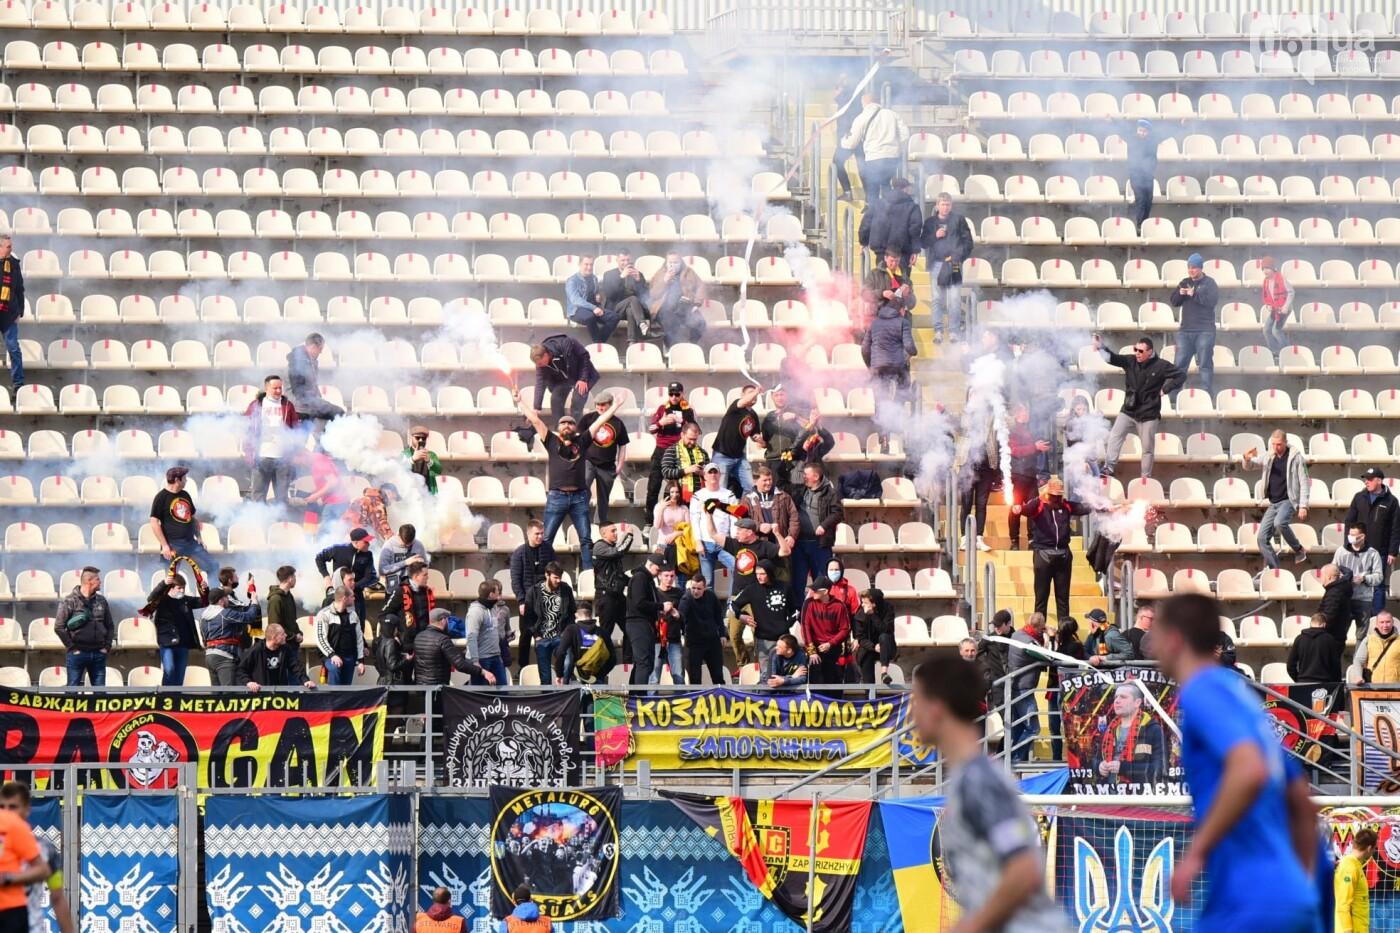 """МФК """"Металлург"""" одержал самую крупную победу в сезоне - фанаты отметили успех зажжеными файерами, - ФОТО, фото-2"""